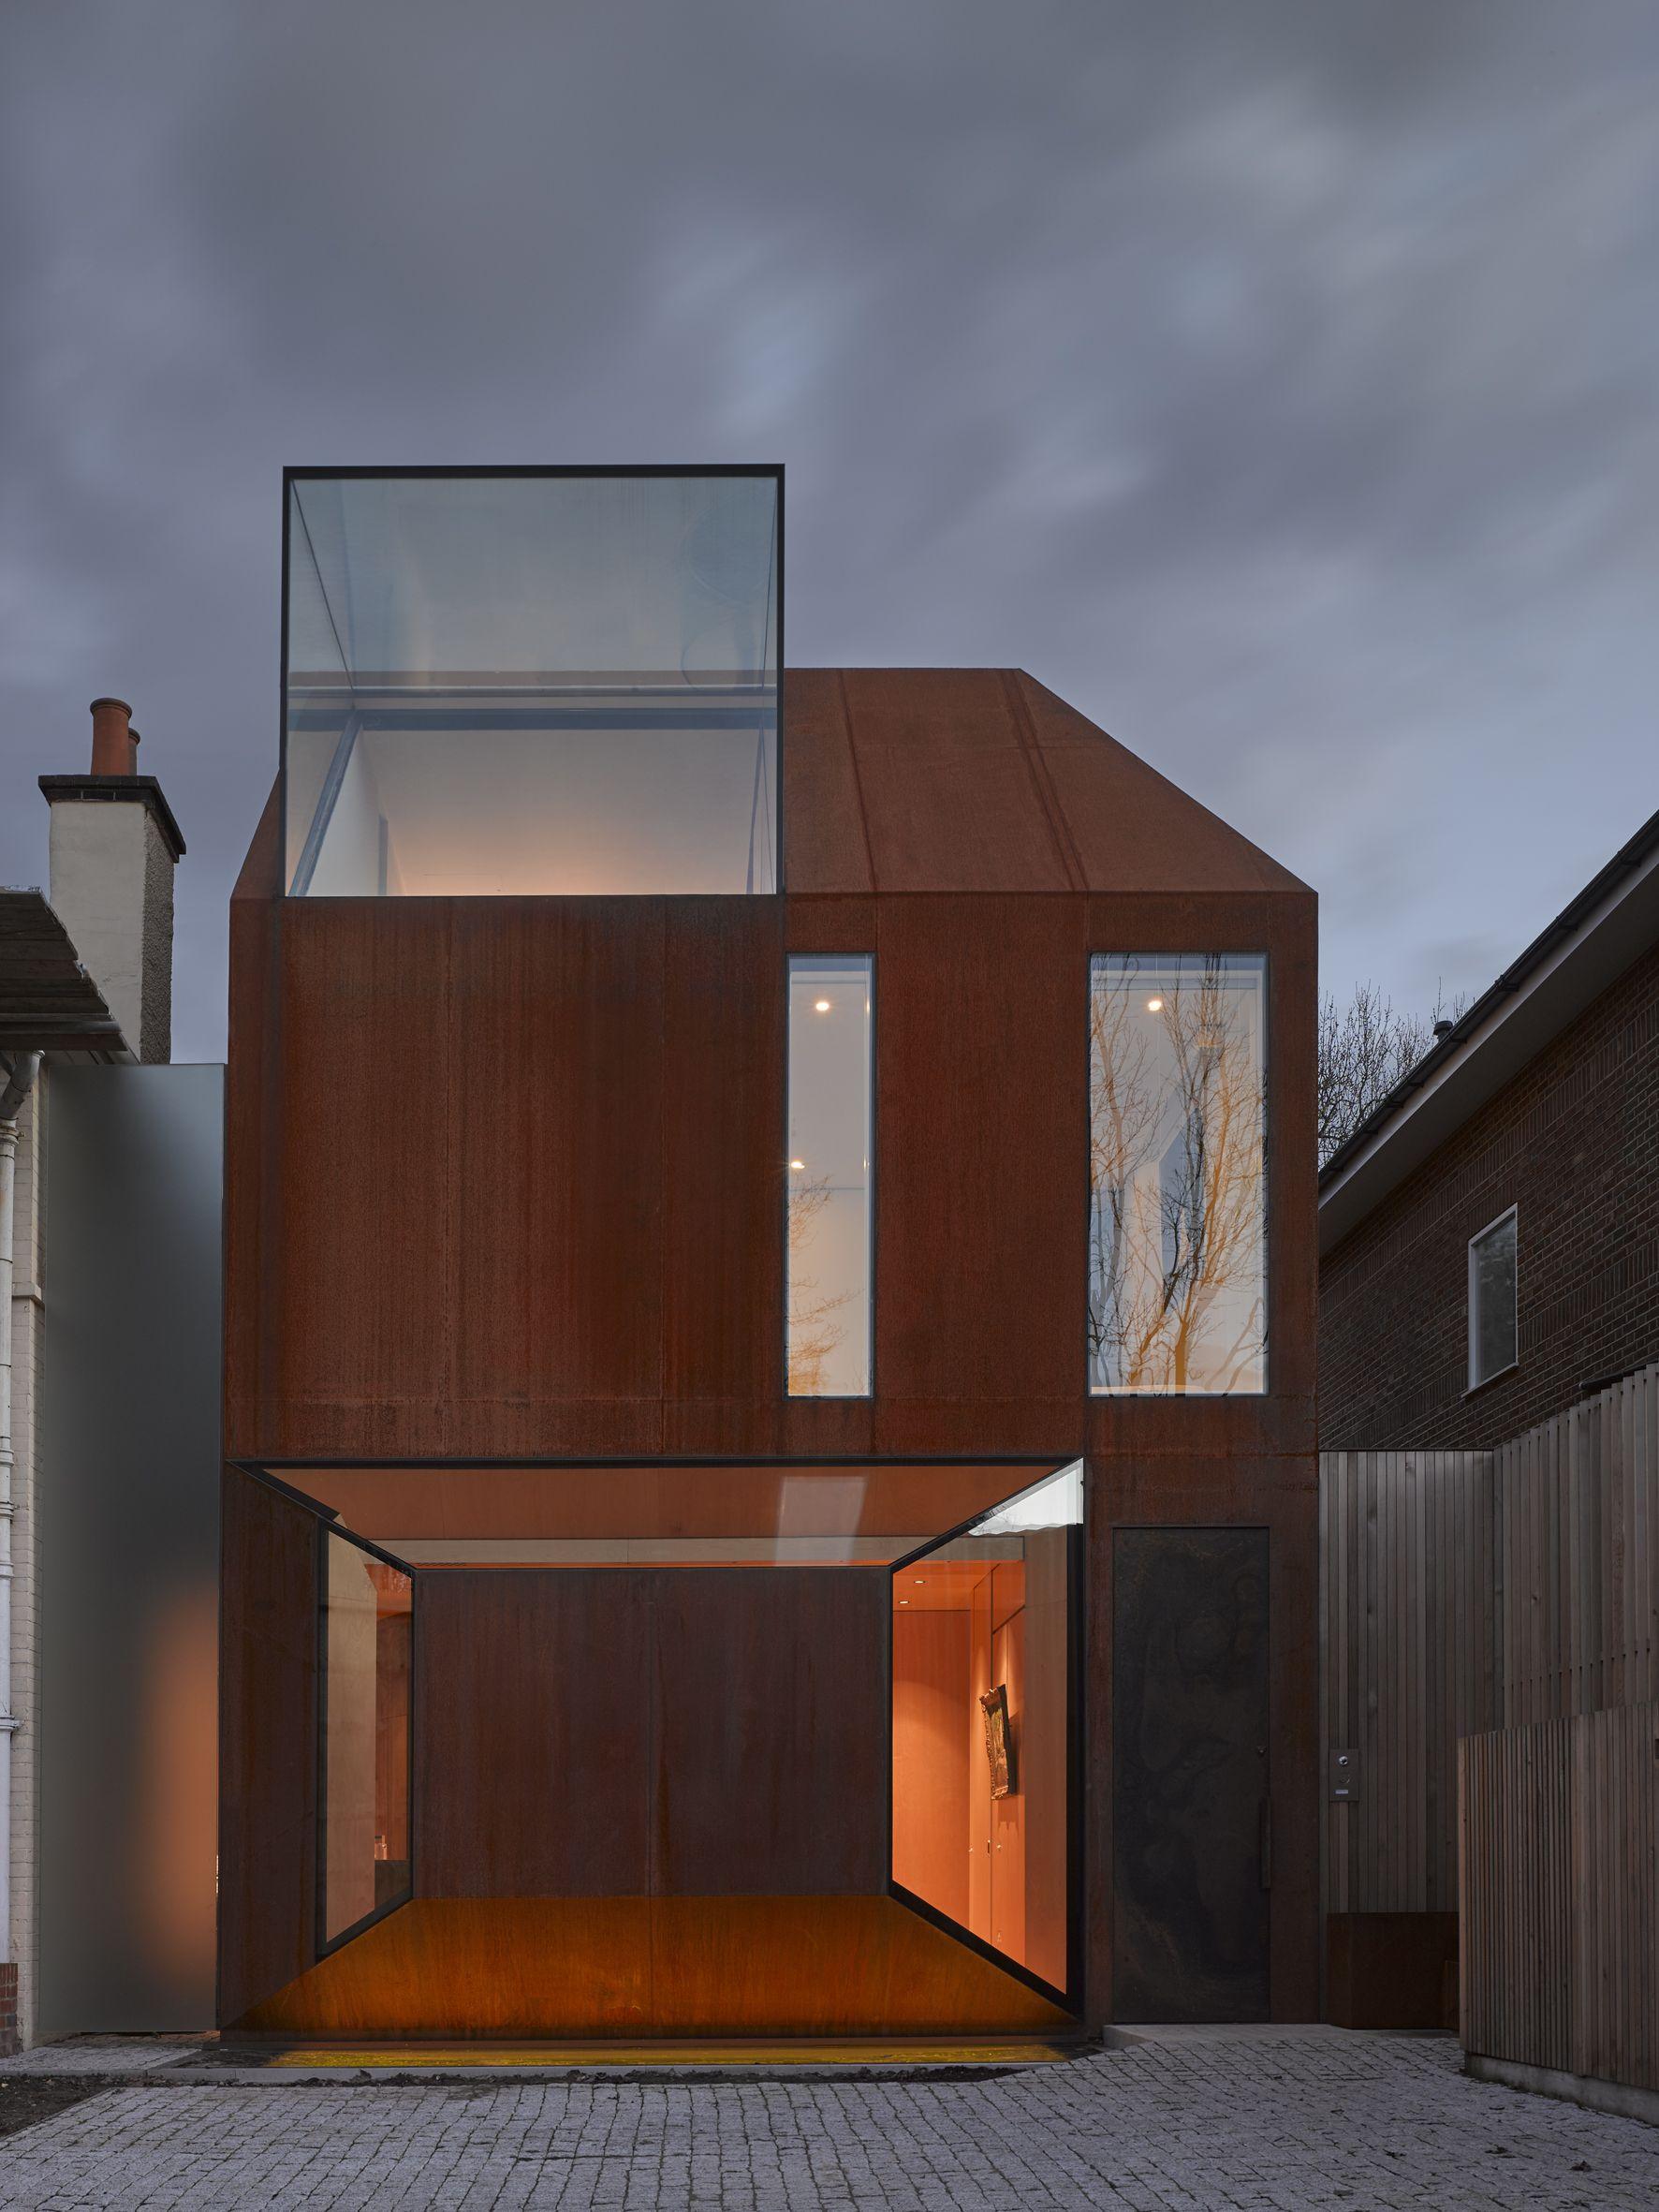 Corten steel house google zoeken architecture for Architect zoeken